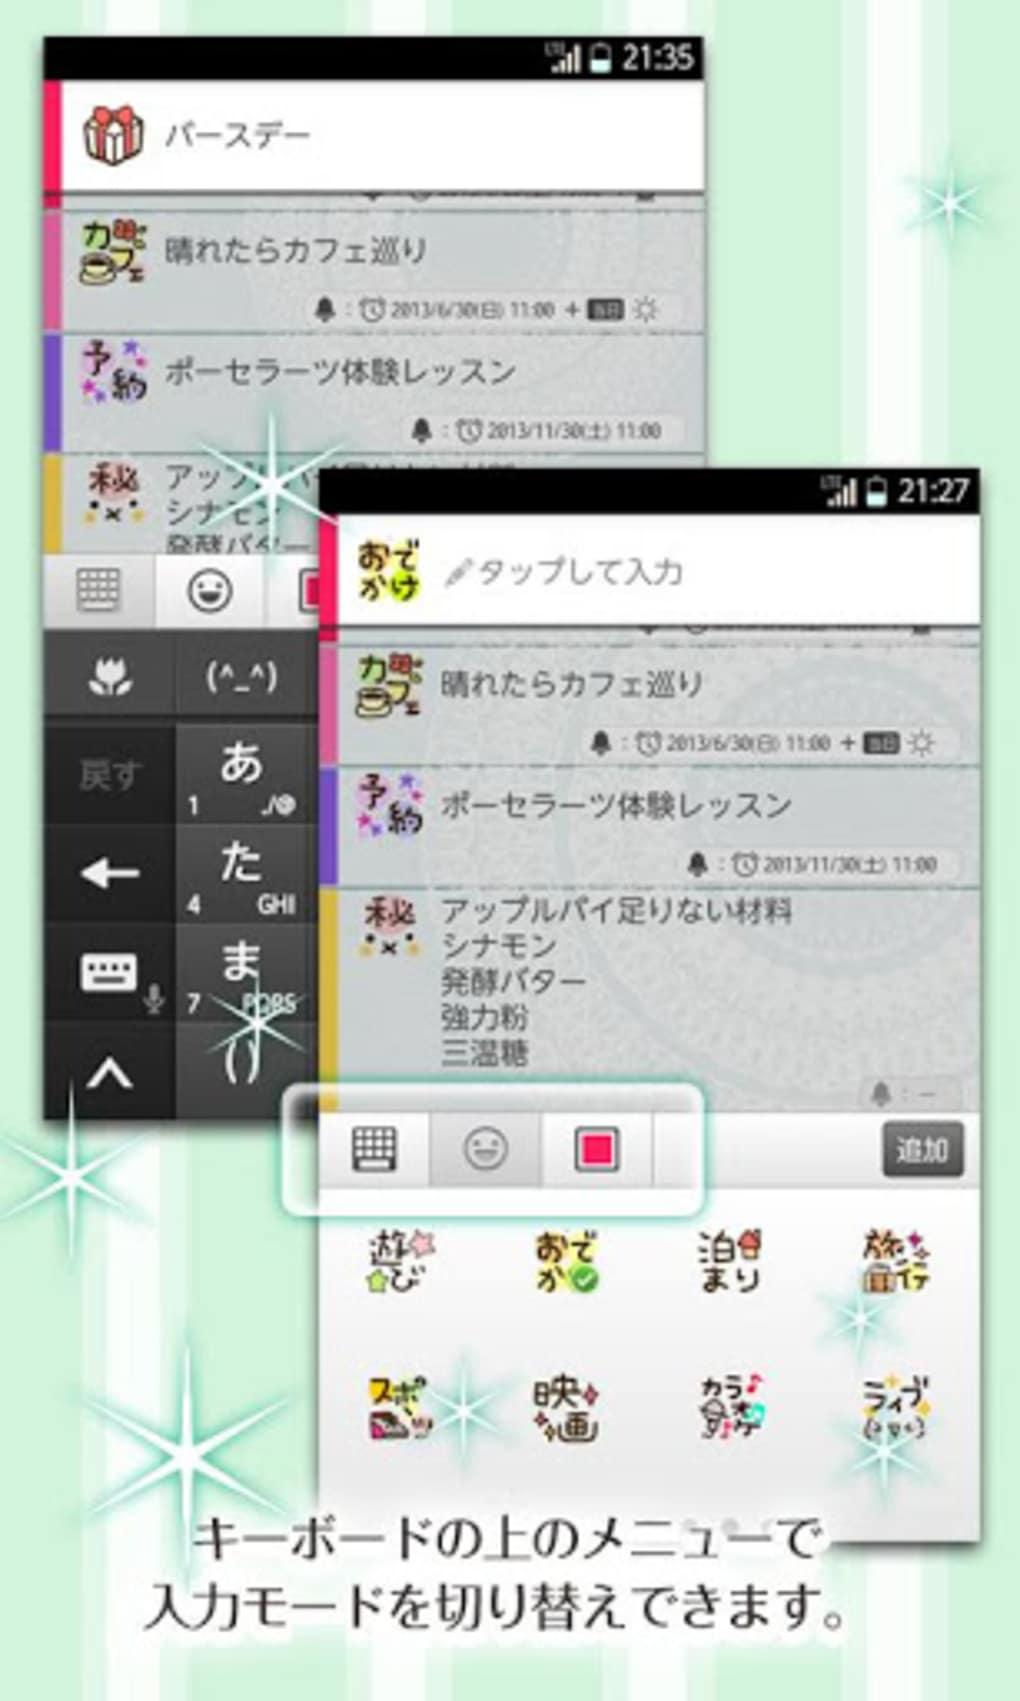 するコト かわいいtodoリスト for android ダウンロード